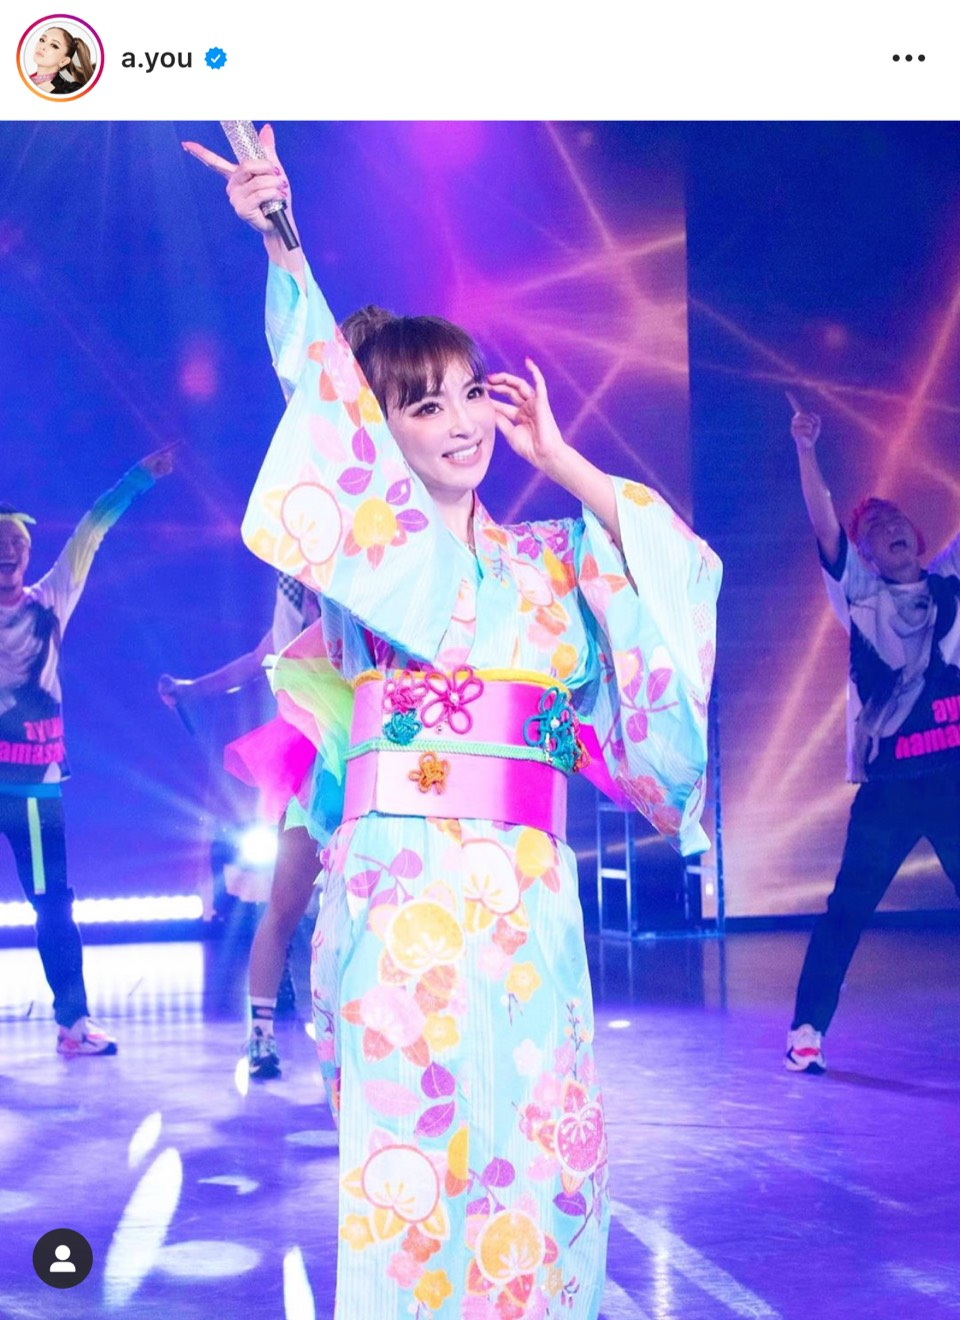 浜崎あゆみ、水色の浴衣姿SHOT公開にファン反響「鬼可愛い」「似合いすぎ」